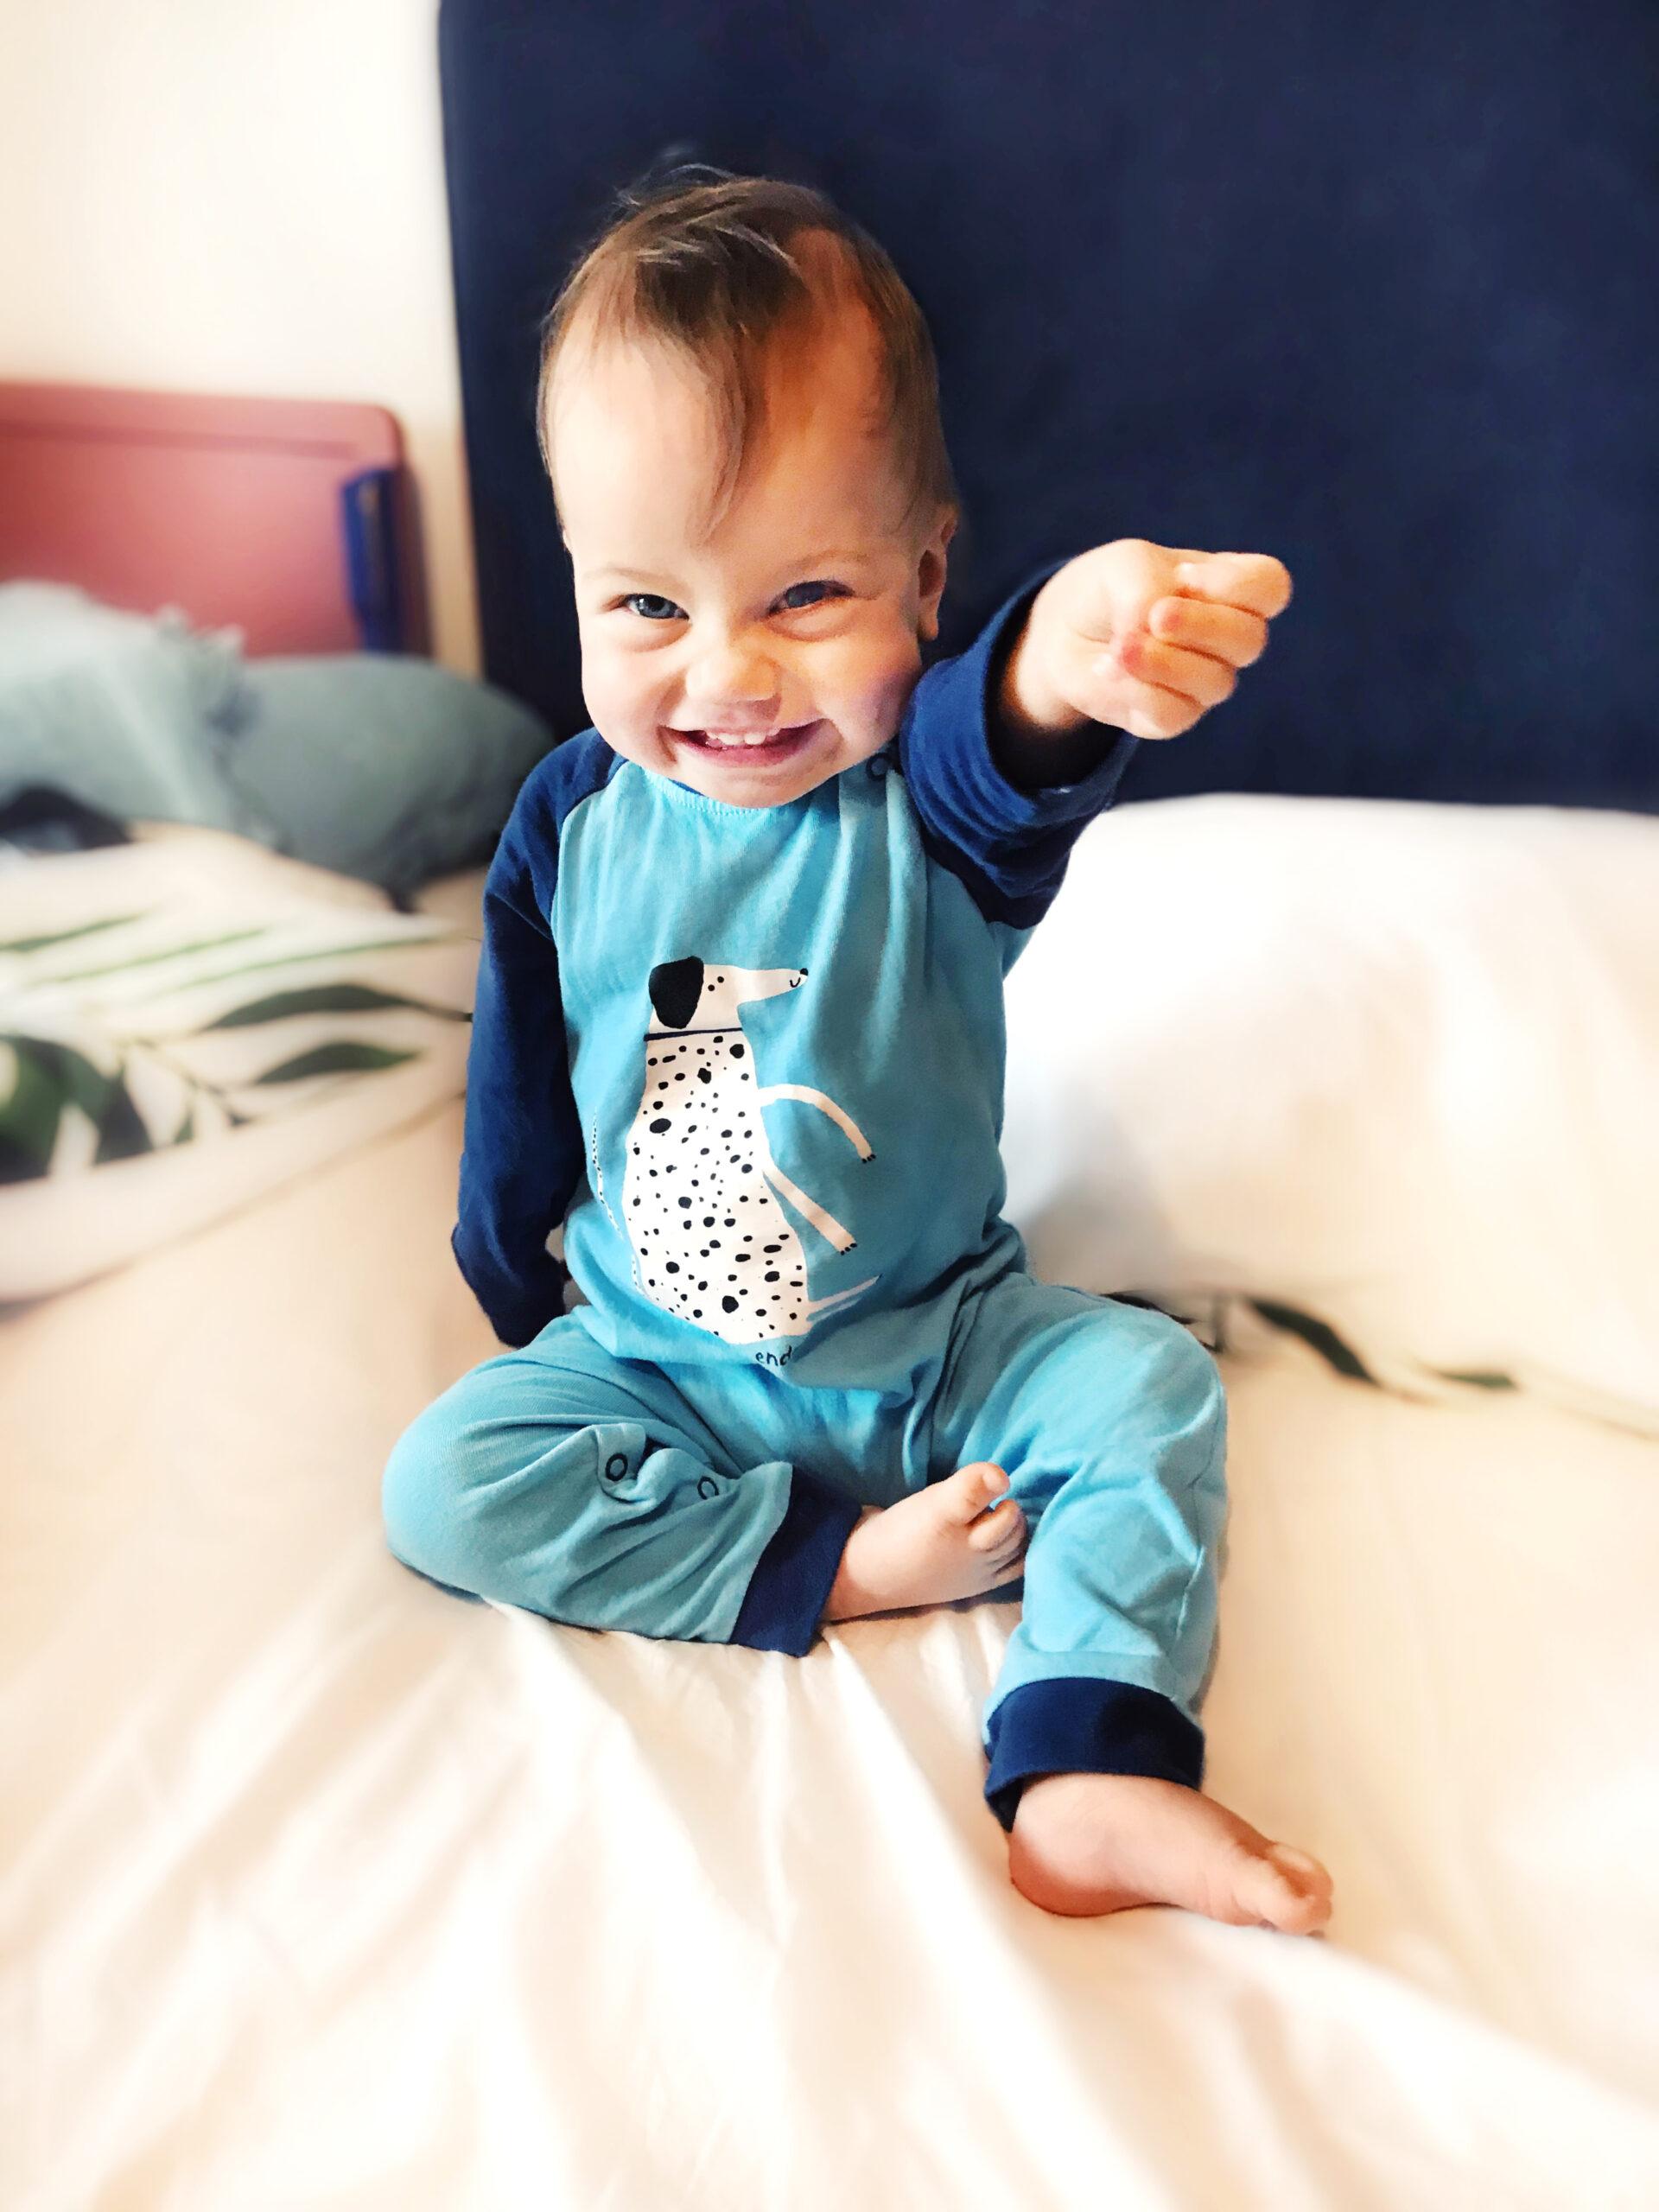 Siedzący niemowlak w niebieskim pajacyku z pieskiem.